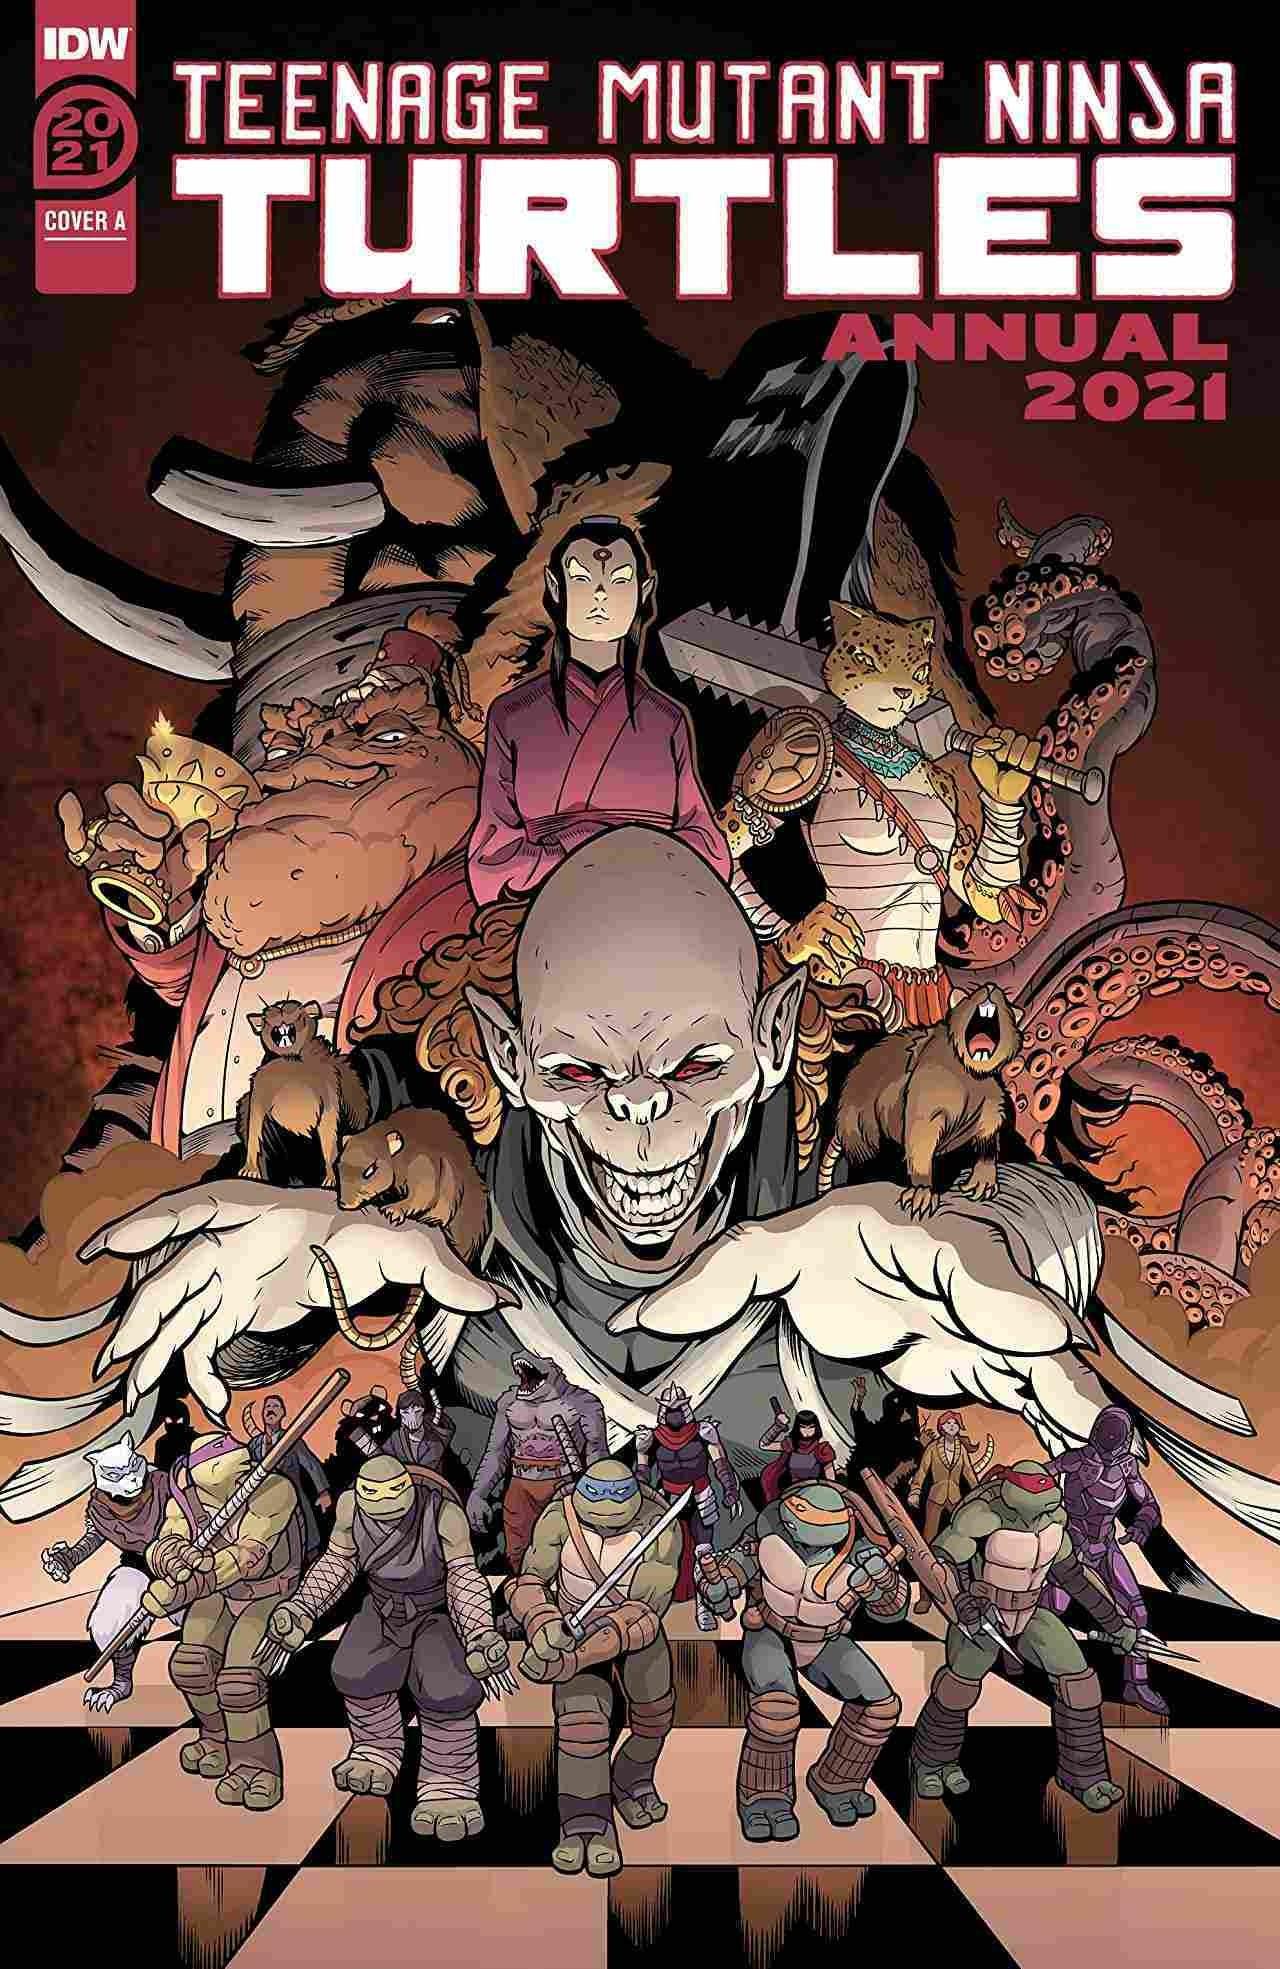 Teenage Mutant Ninja Turtles Annual 2021